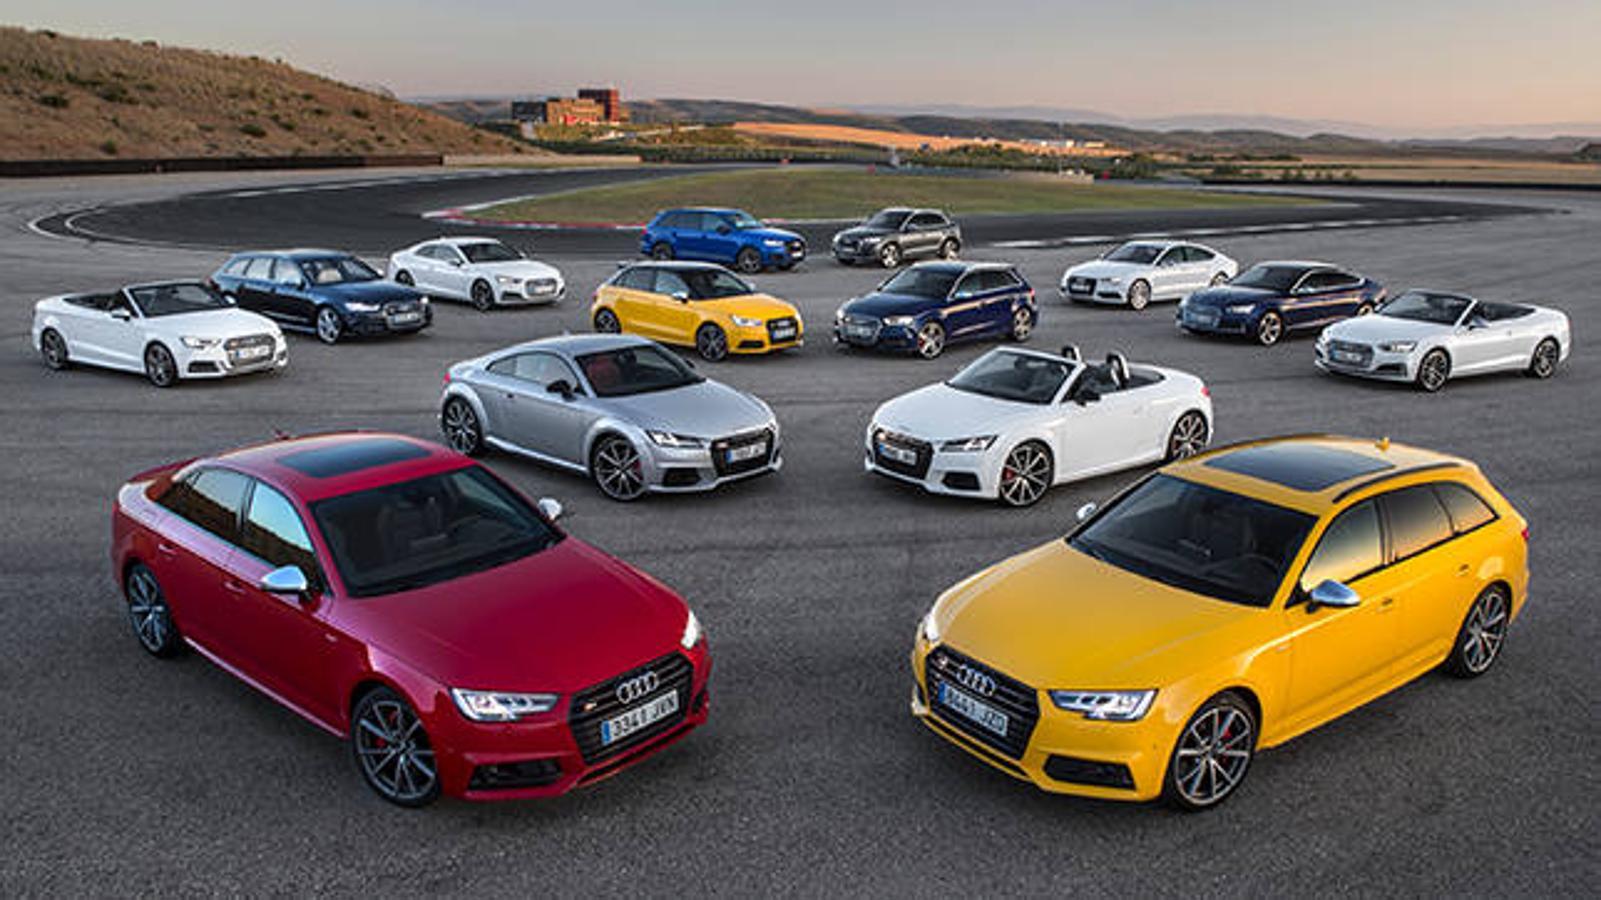 La gama S de Audi aúna lujo y deportividad a partes iguales